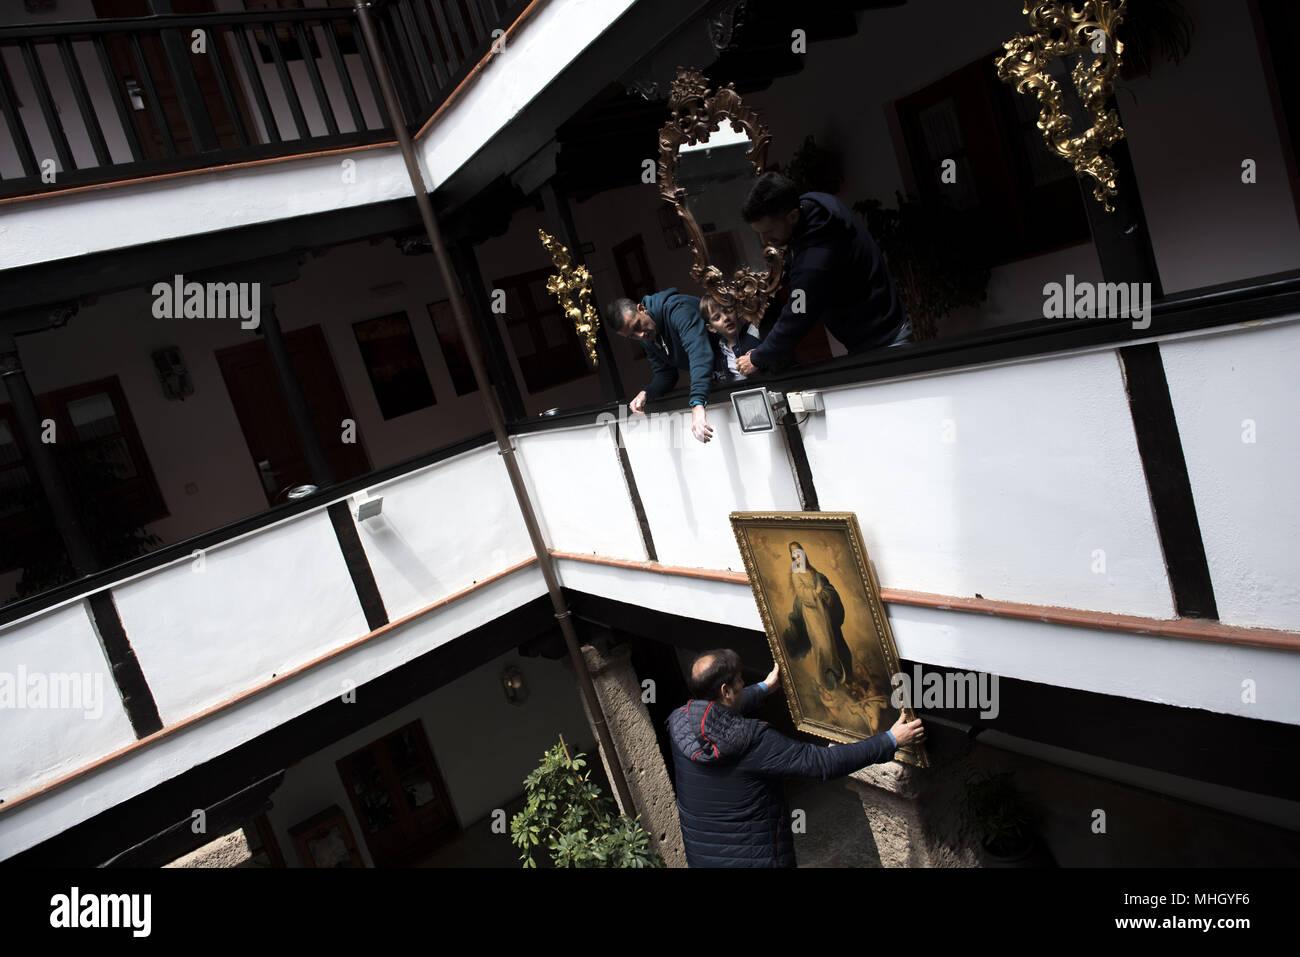 Granada España El 1 De Mayo De 2018 La Gente Intenta